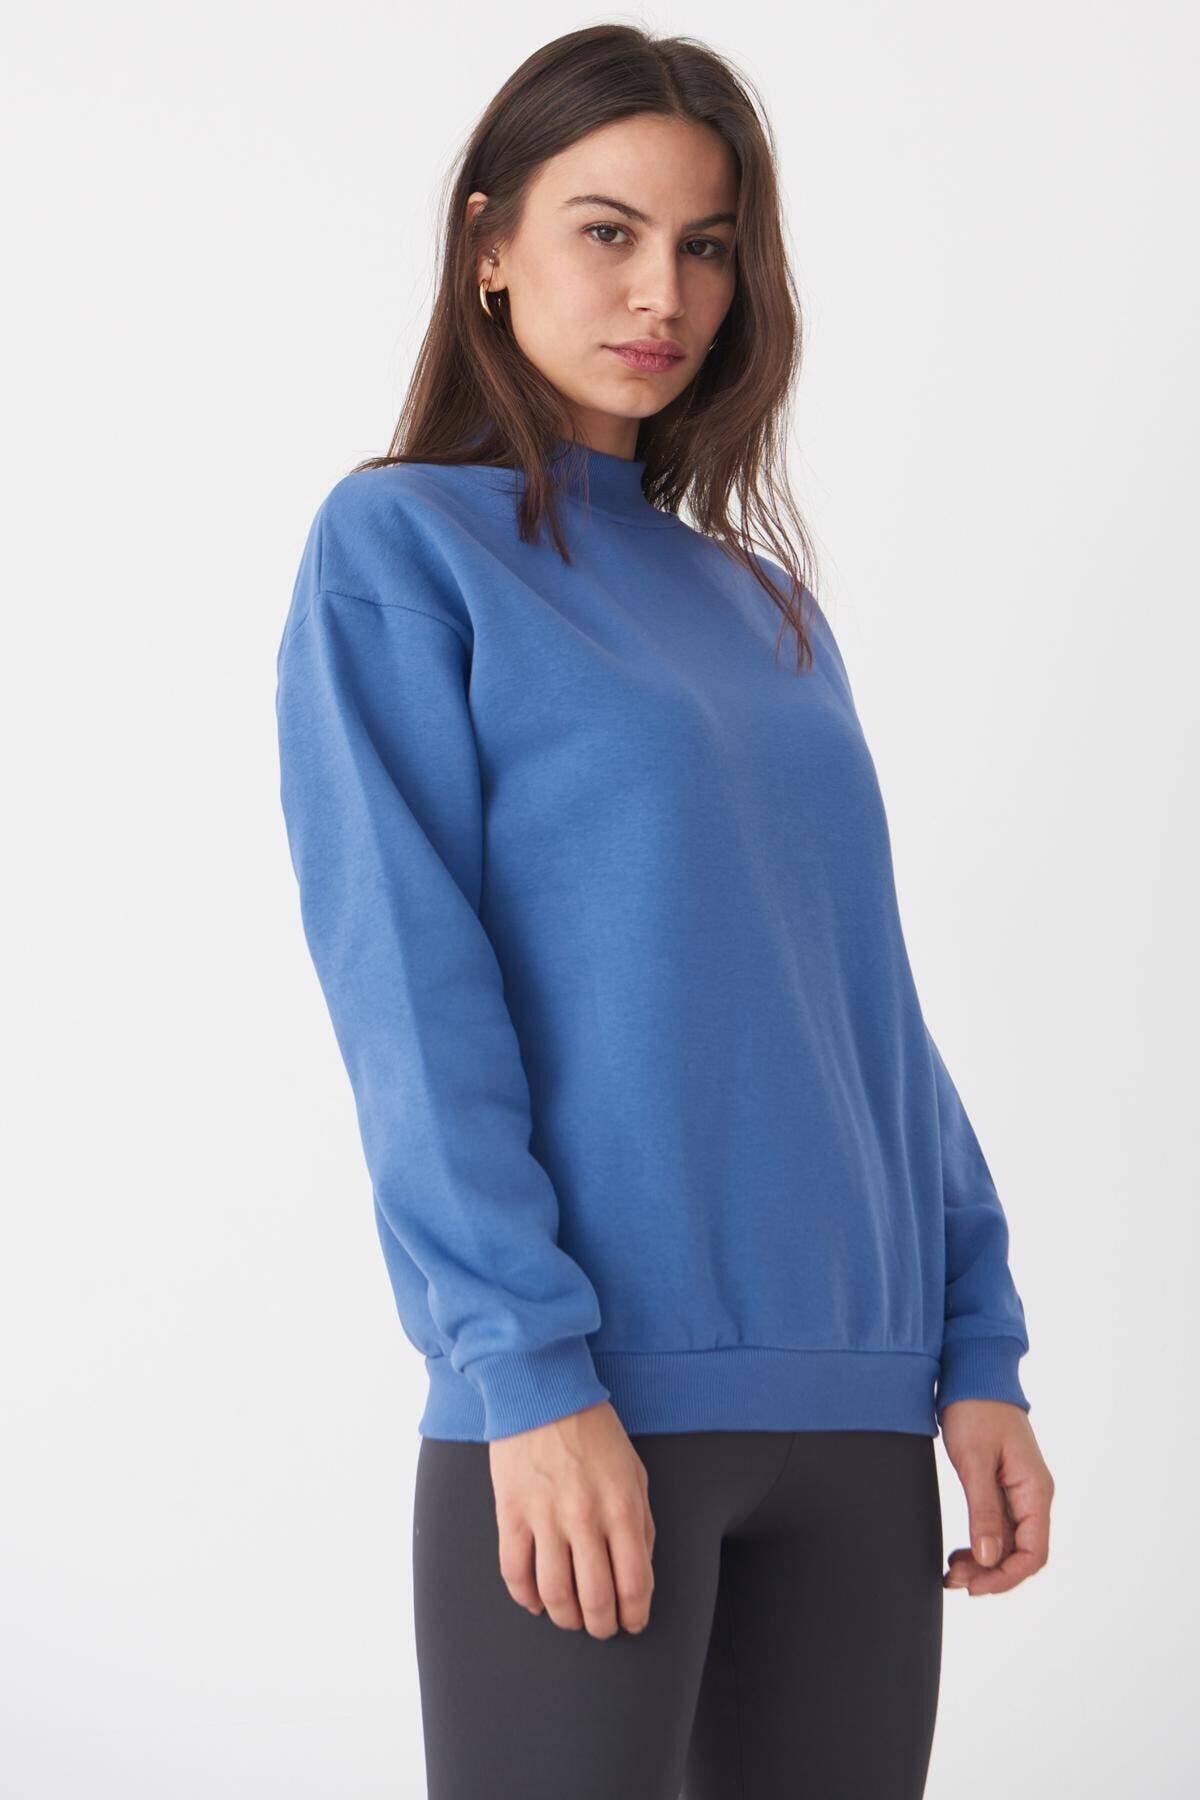 Addax Kadın Mavi Yarım Balıkçı Yaka Sweatshirt S8606 - B4 - B5 ADX-0000019754 2